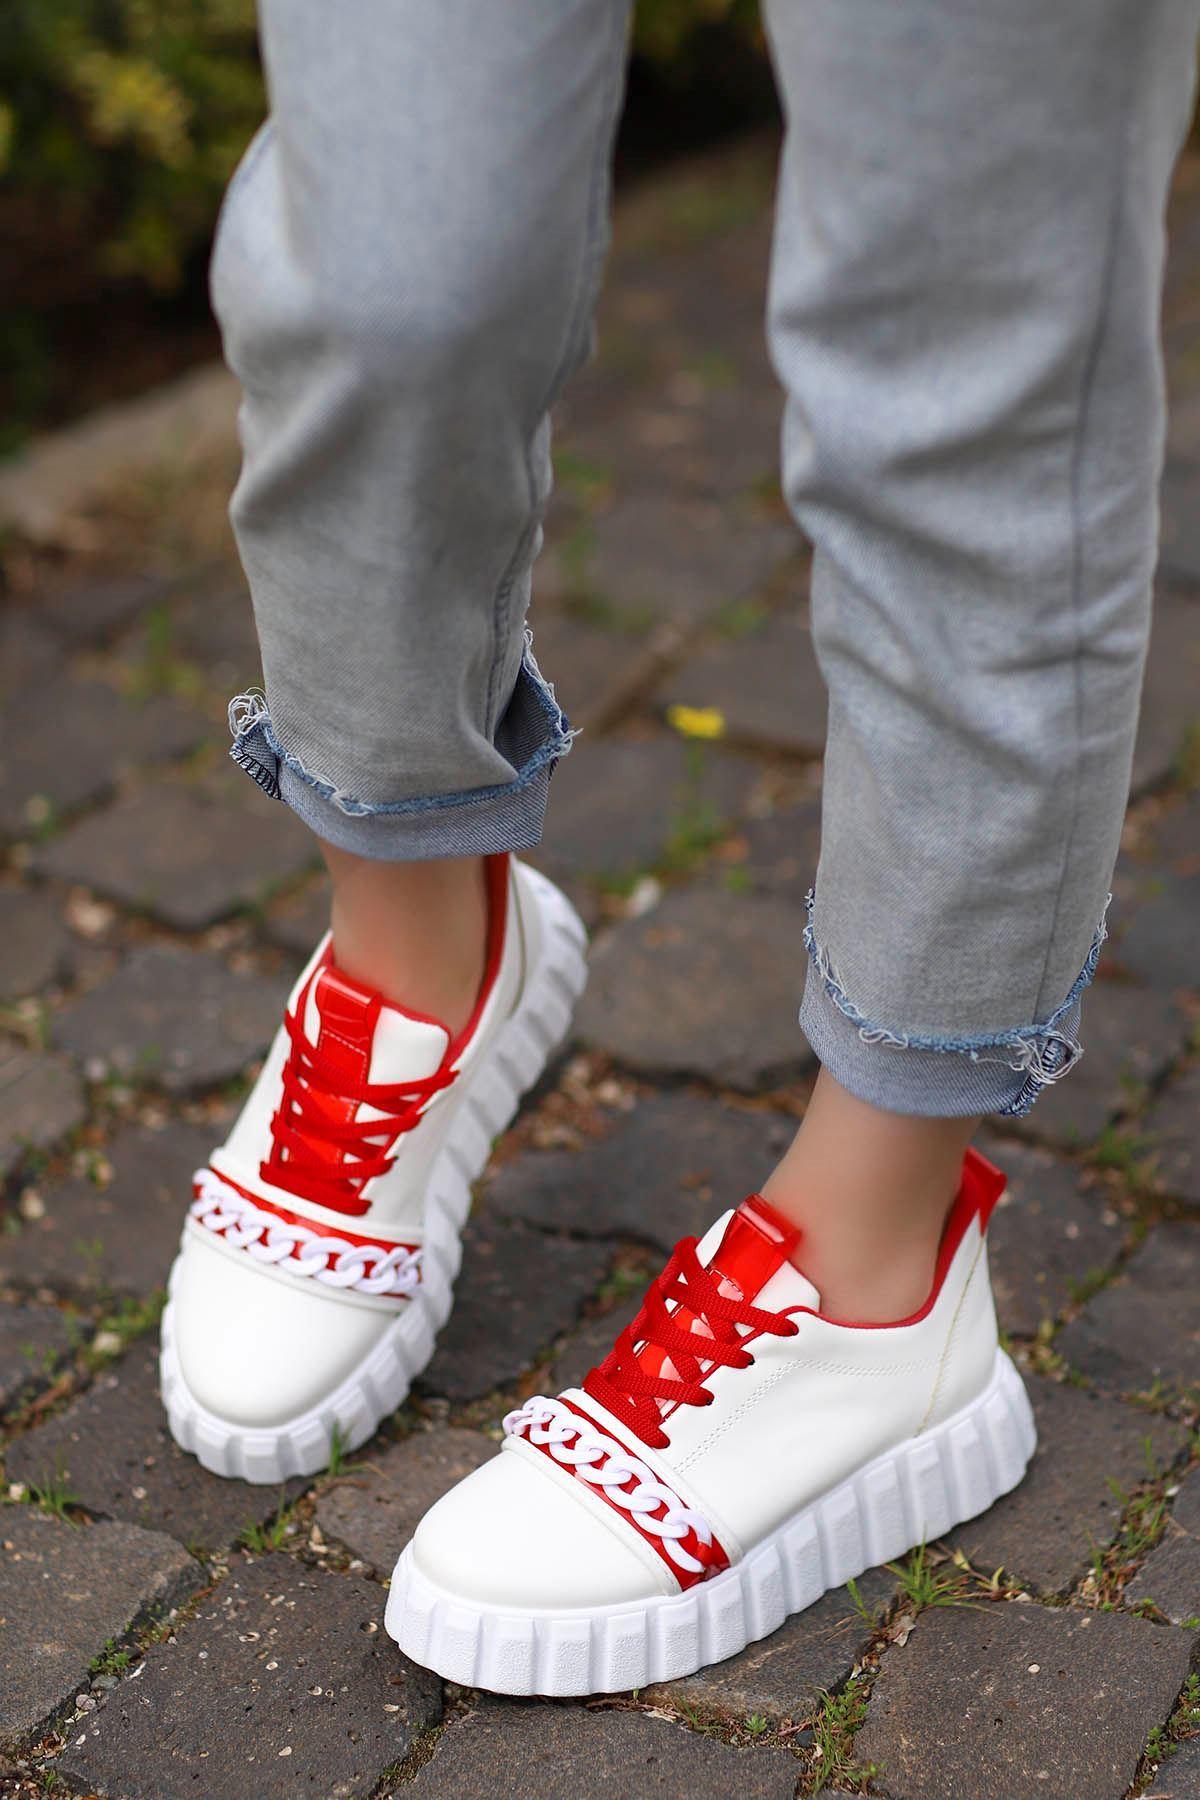 Paris Tabanlı Spor Ayakkabı Beyaz Kırmızı Detay